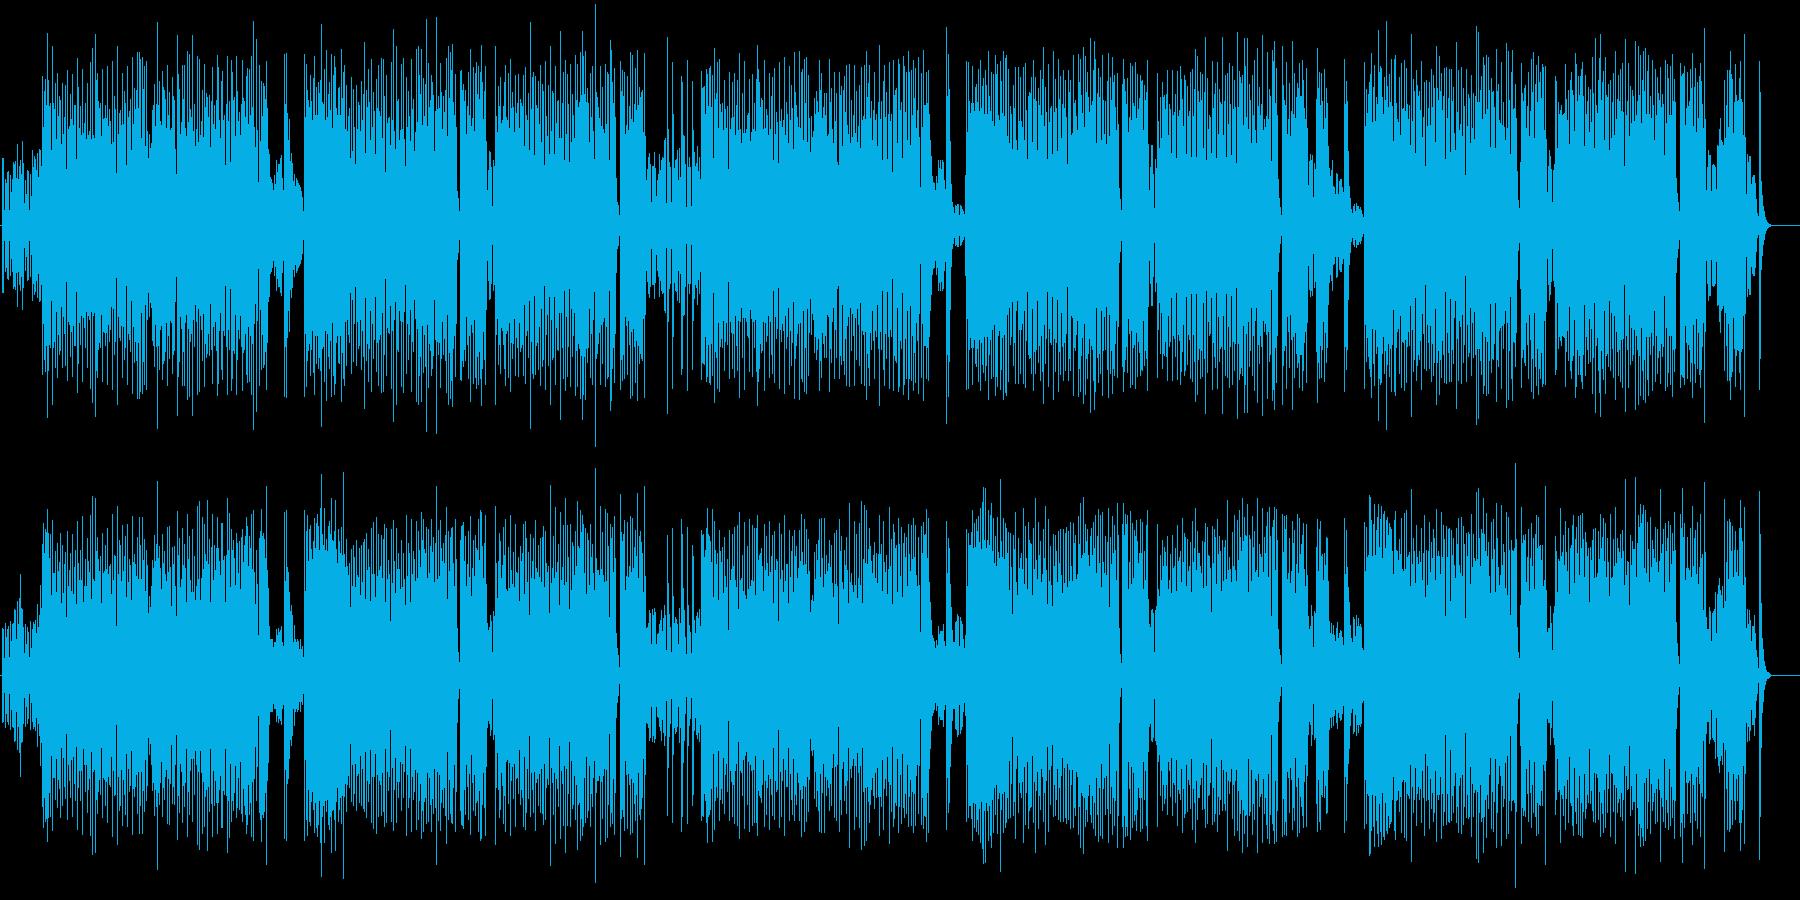 フォックストロットリズムのチャールストンの再生済みの波形